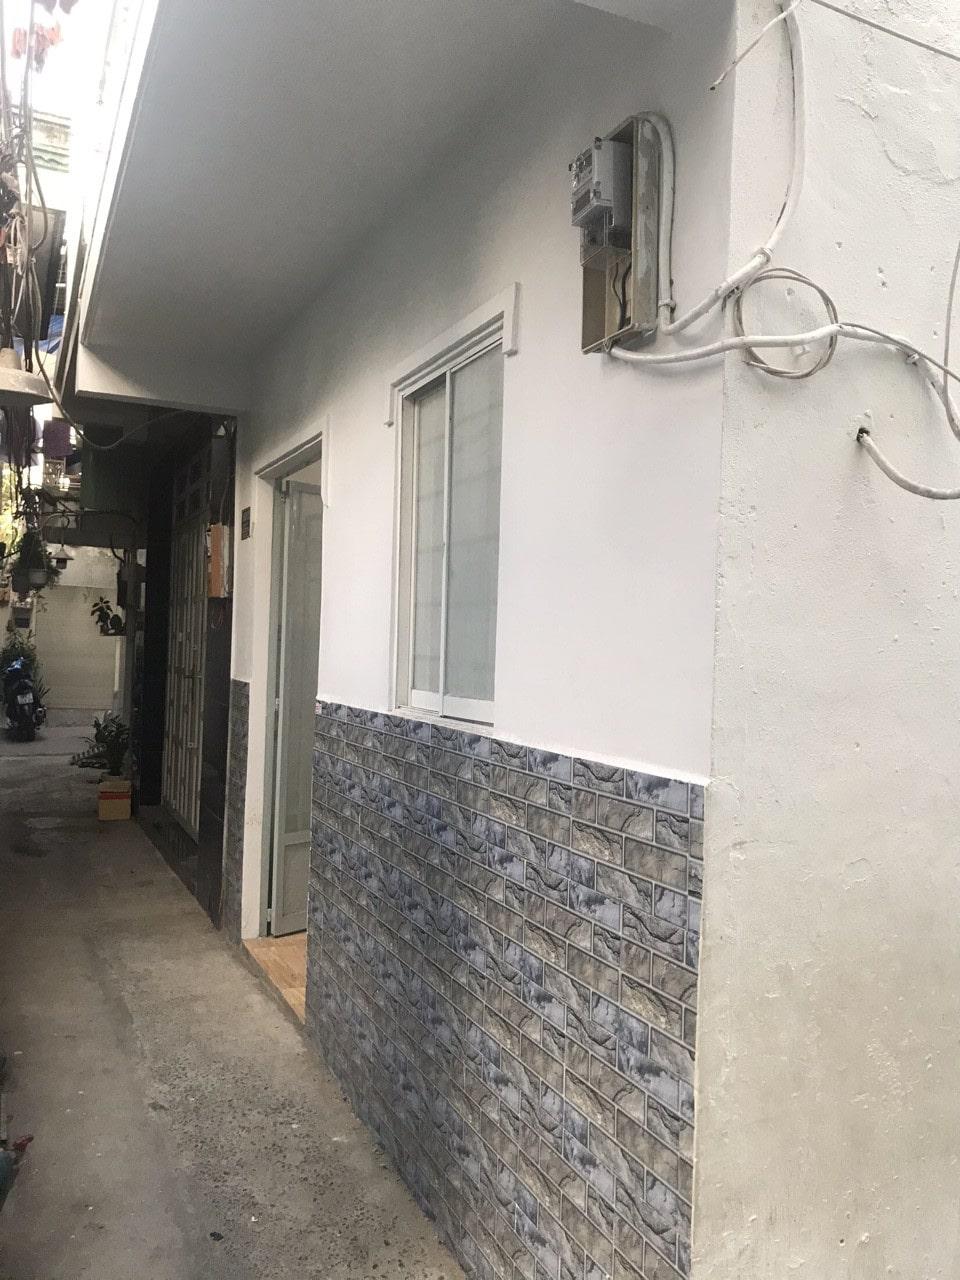 Bán nhà Phường Phú Mỹ Q7, MT hẻm 1669, DT 4x6m, giá 1.25 tỷ